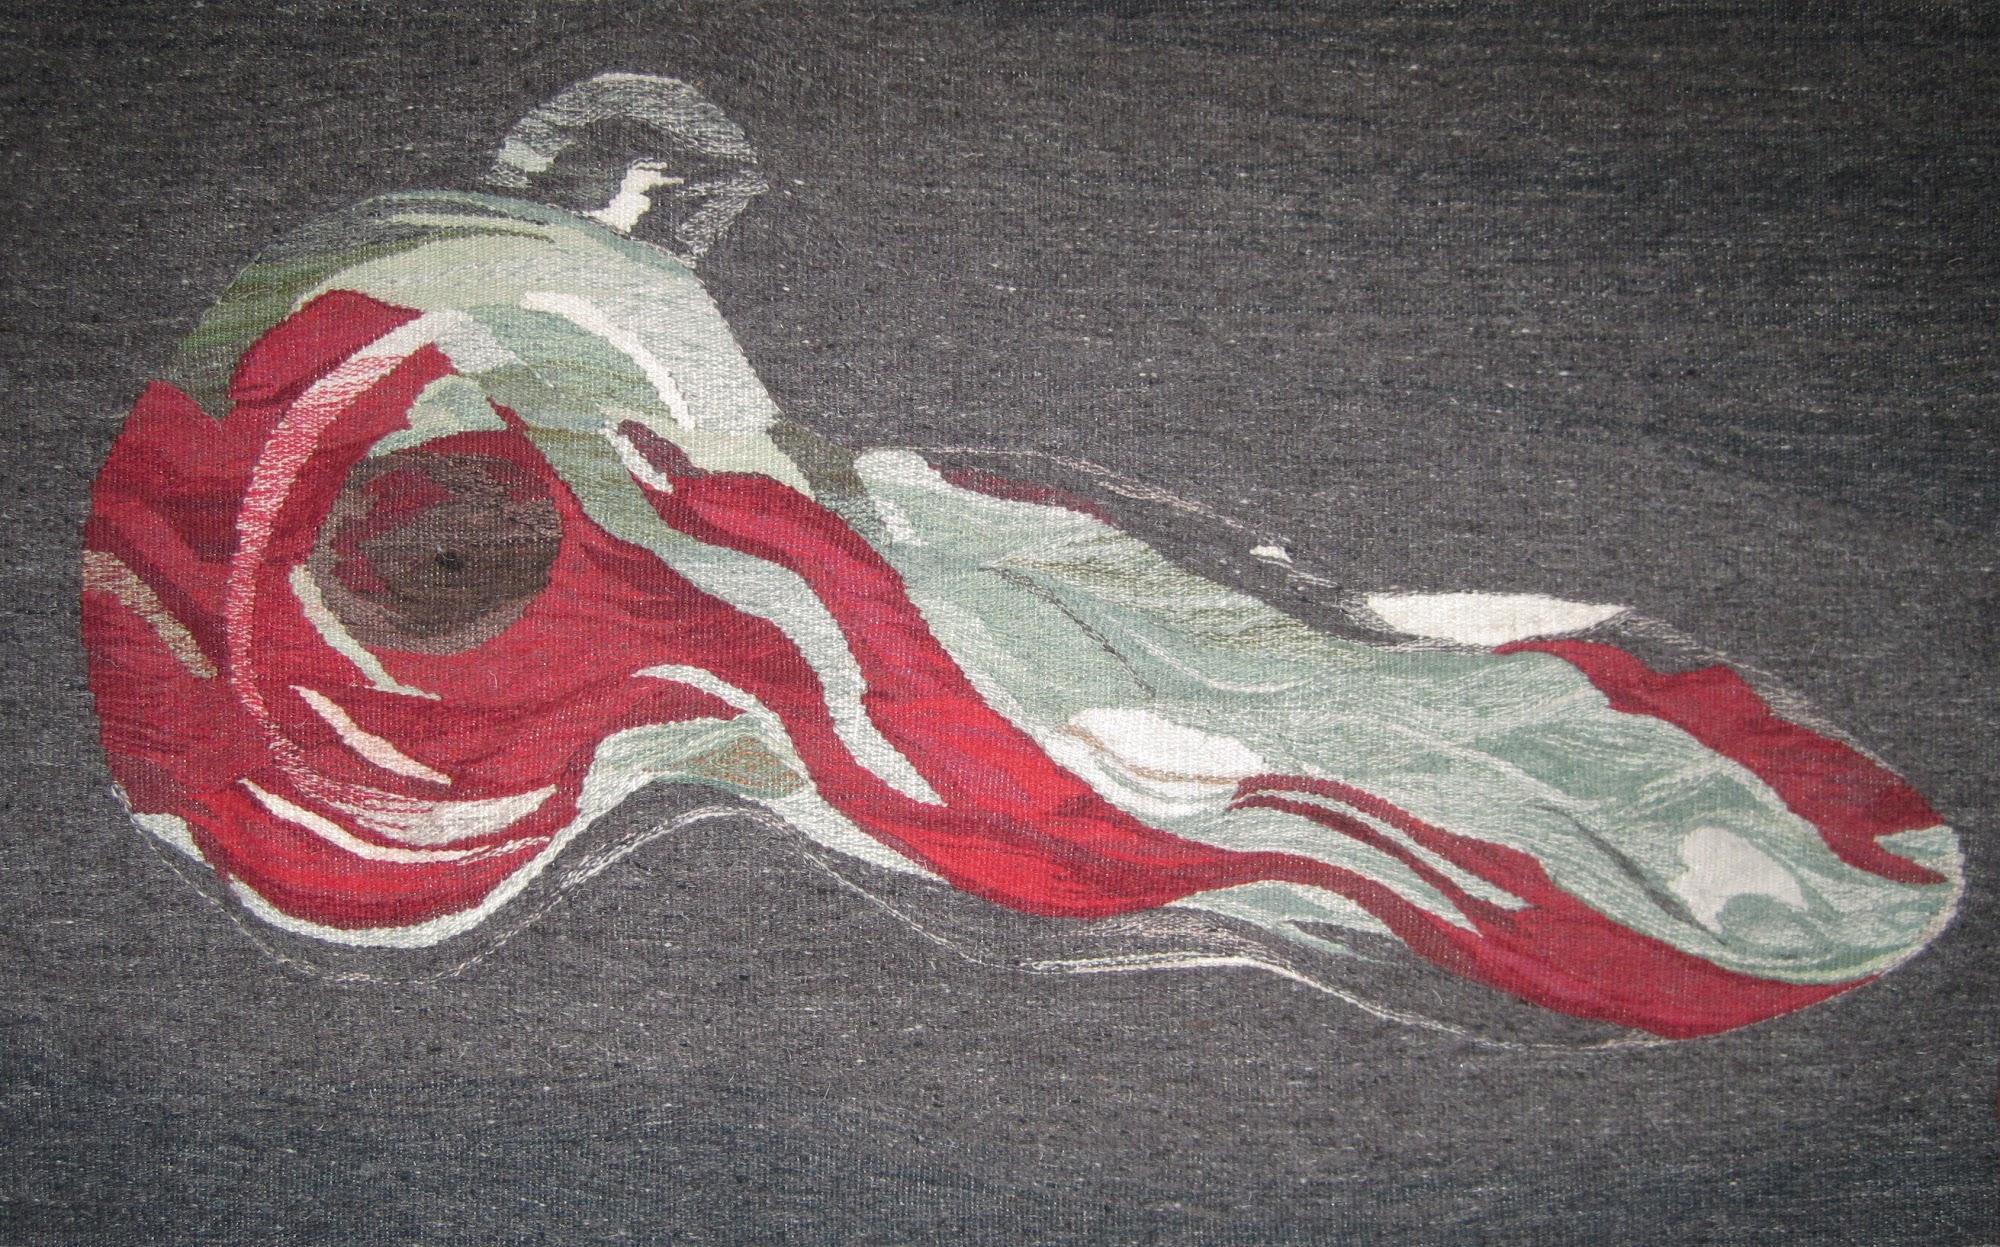 CrimsonLandslide